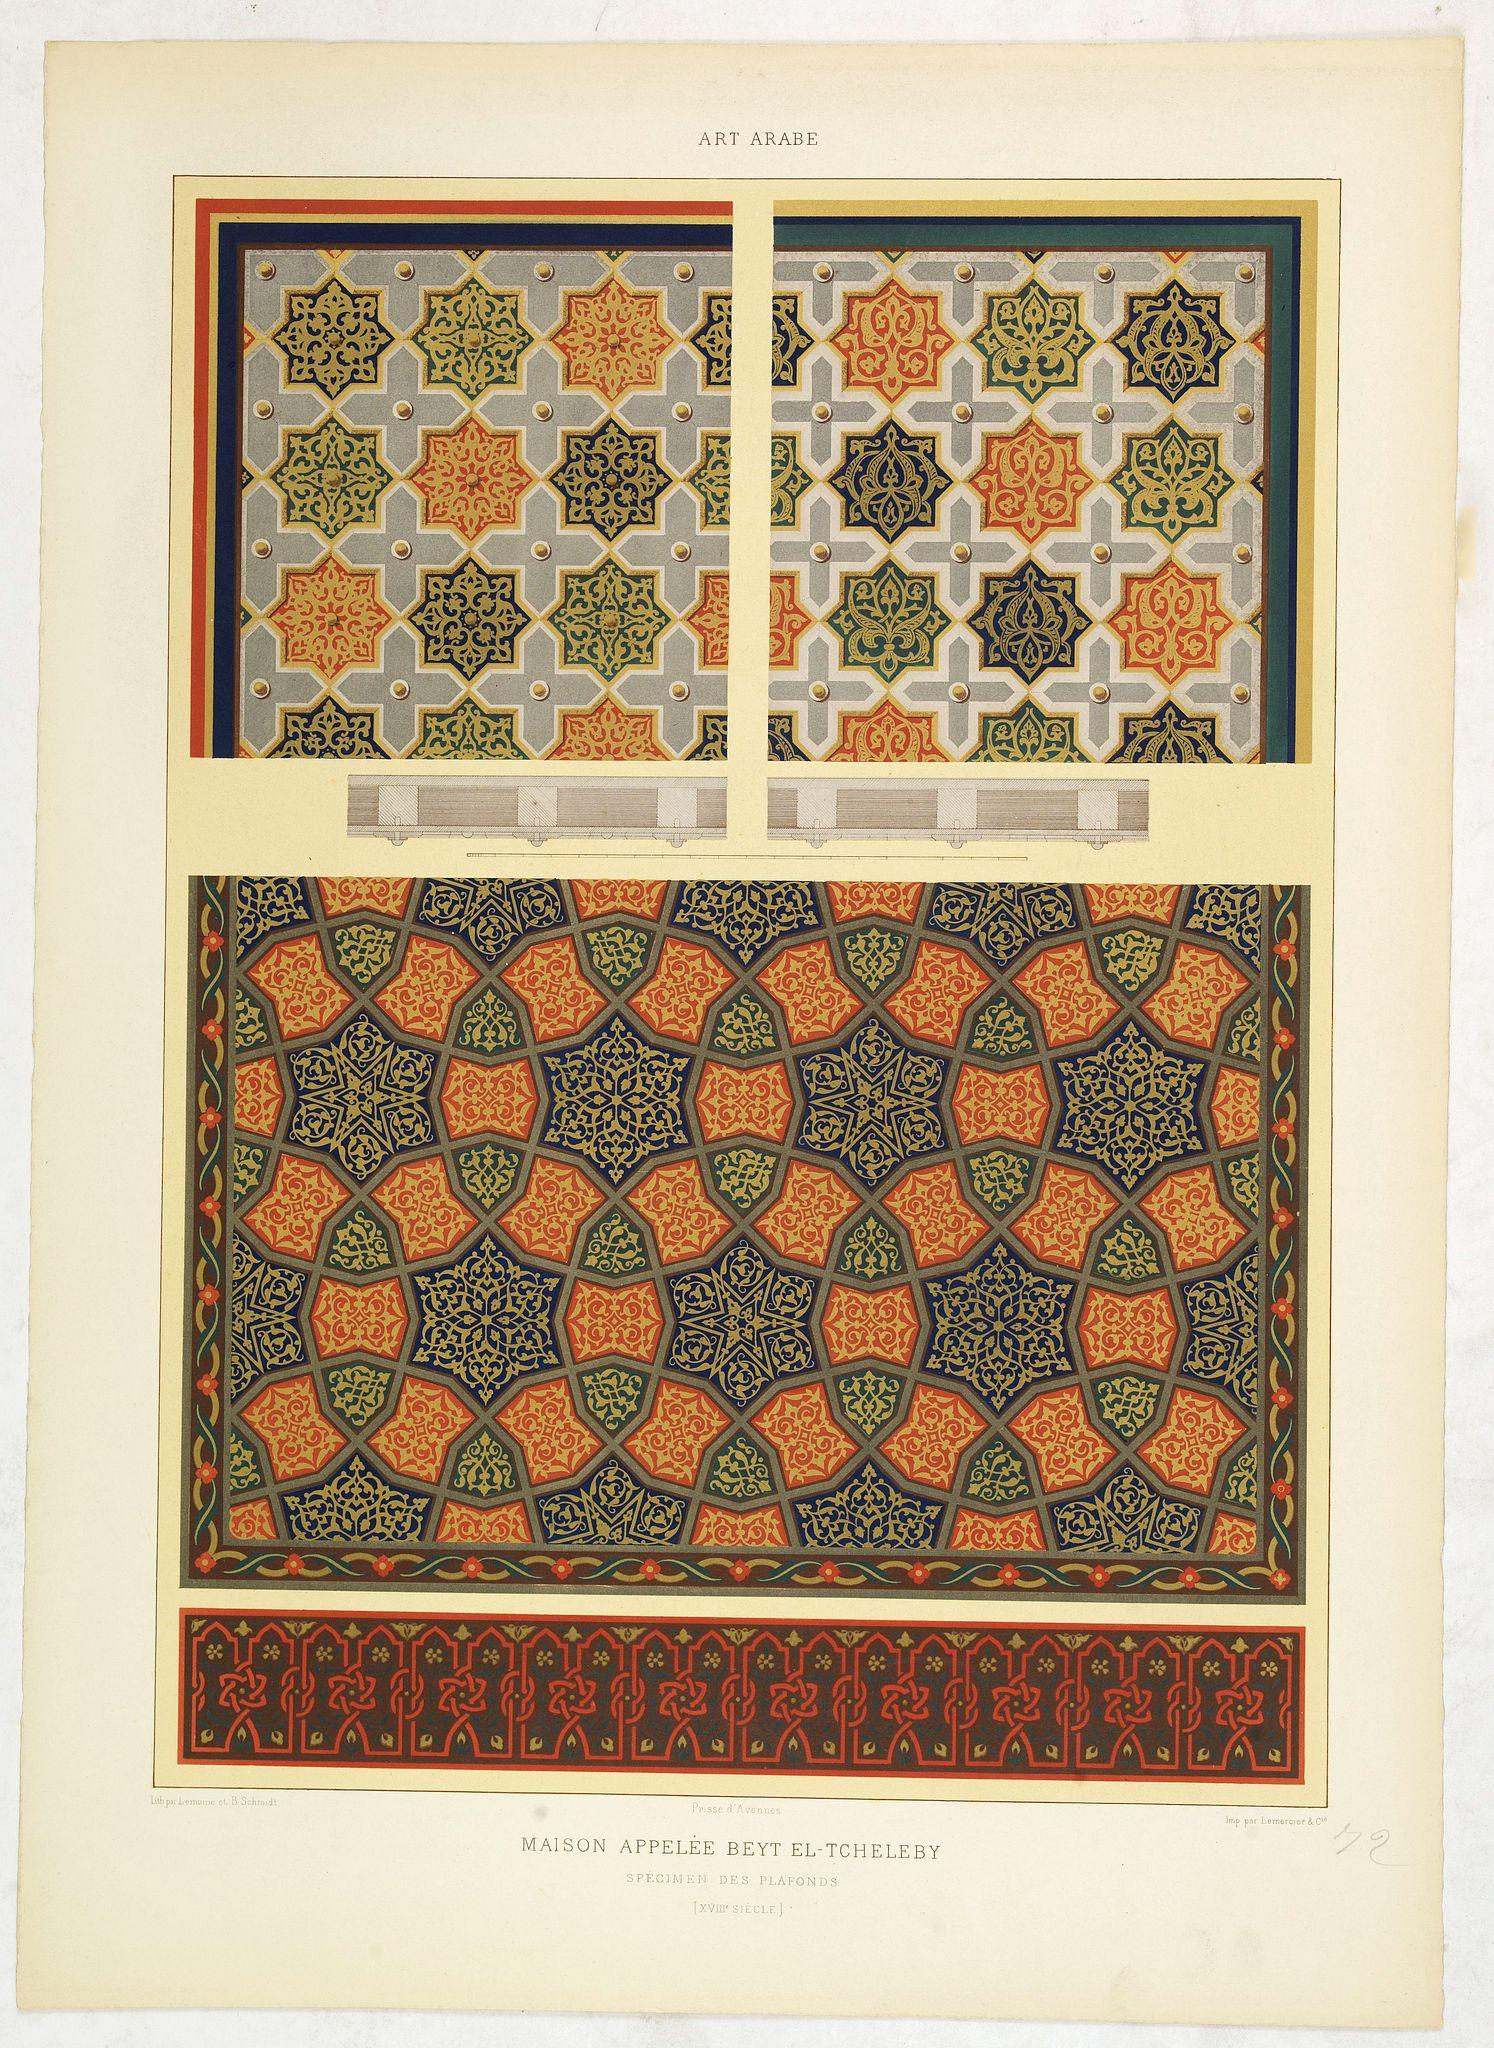 PRISSE D'AVENNES, E. -  Art arabe. - Maison appelée beyt el-Tcheleby.